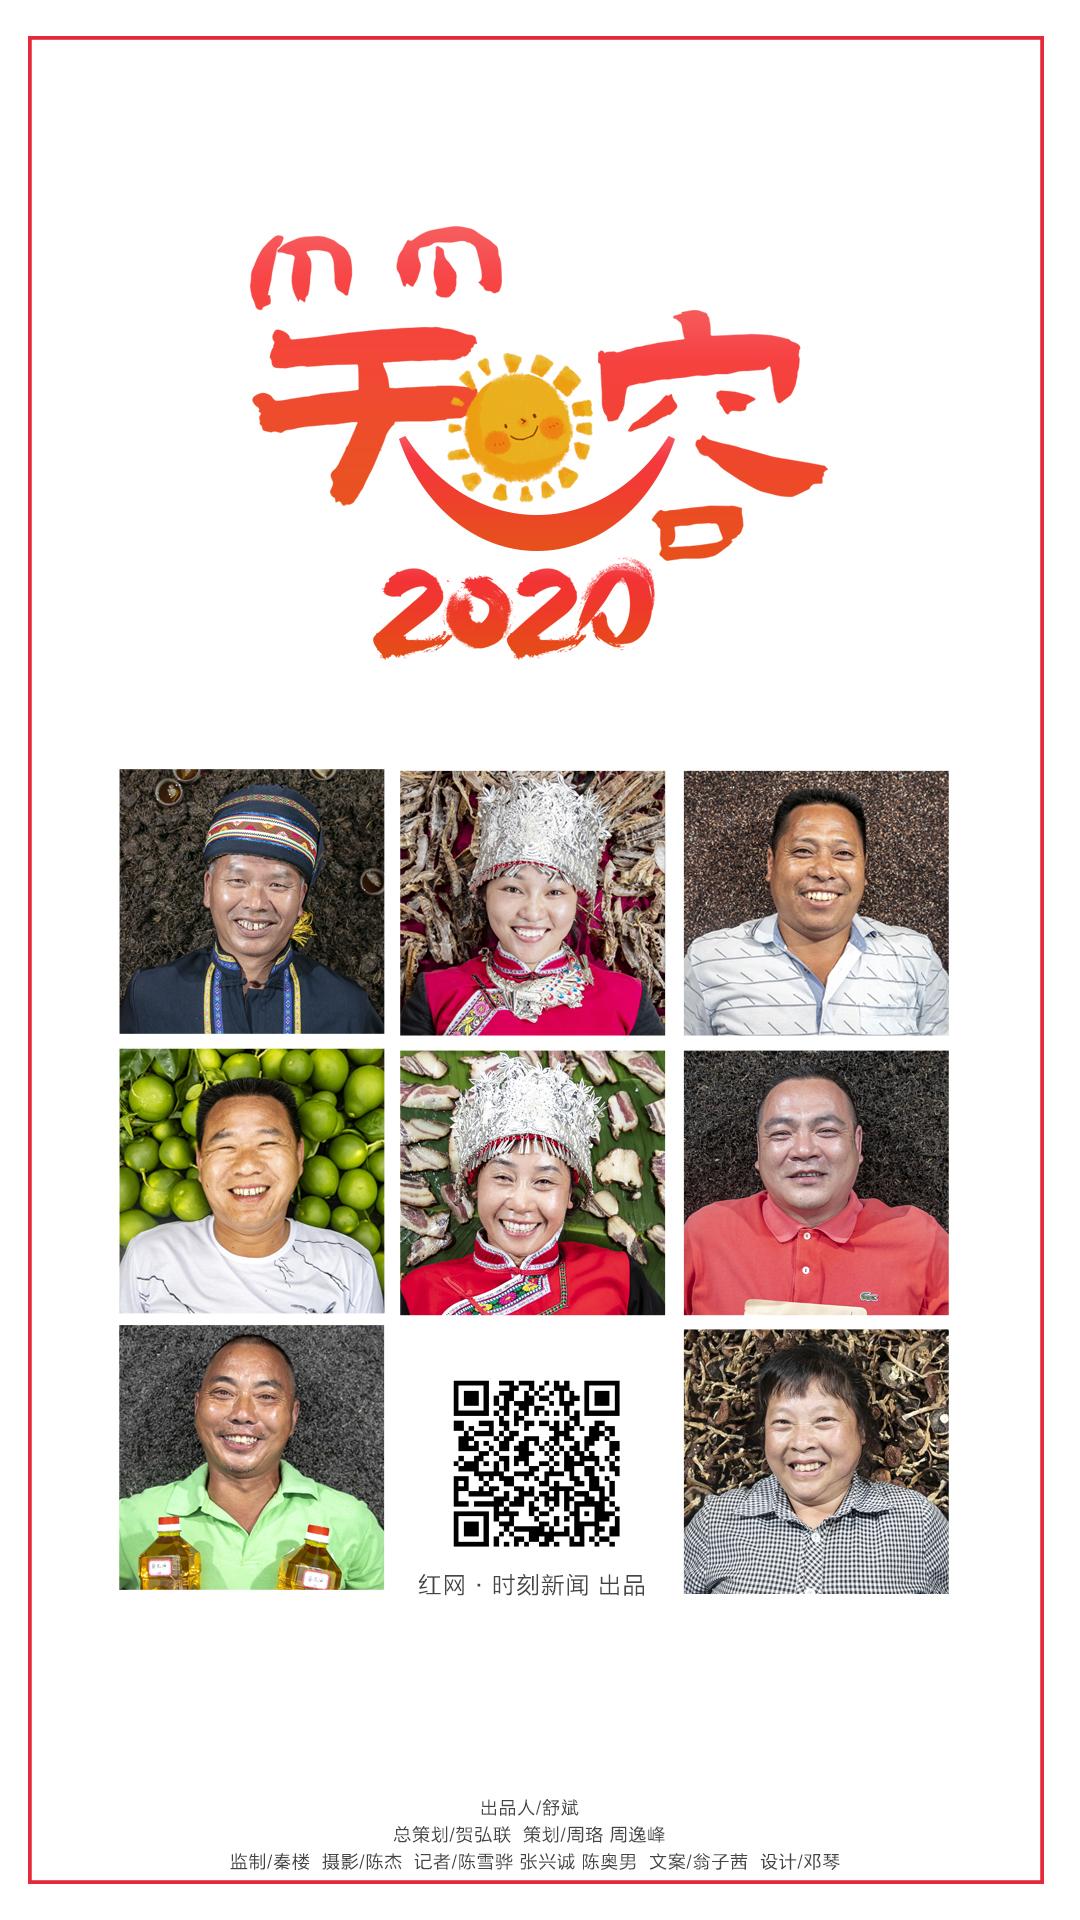 陈杰笑容2020logo.jpg